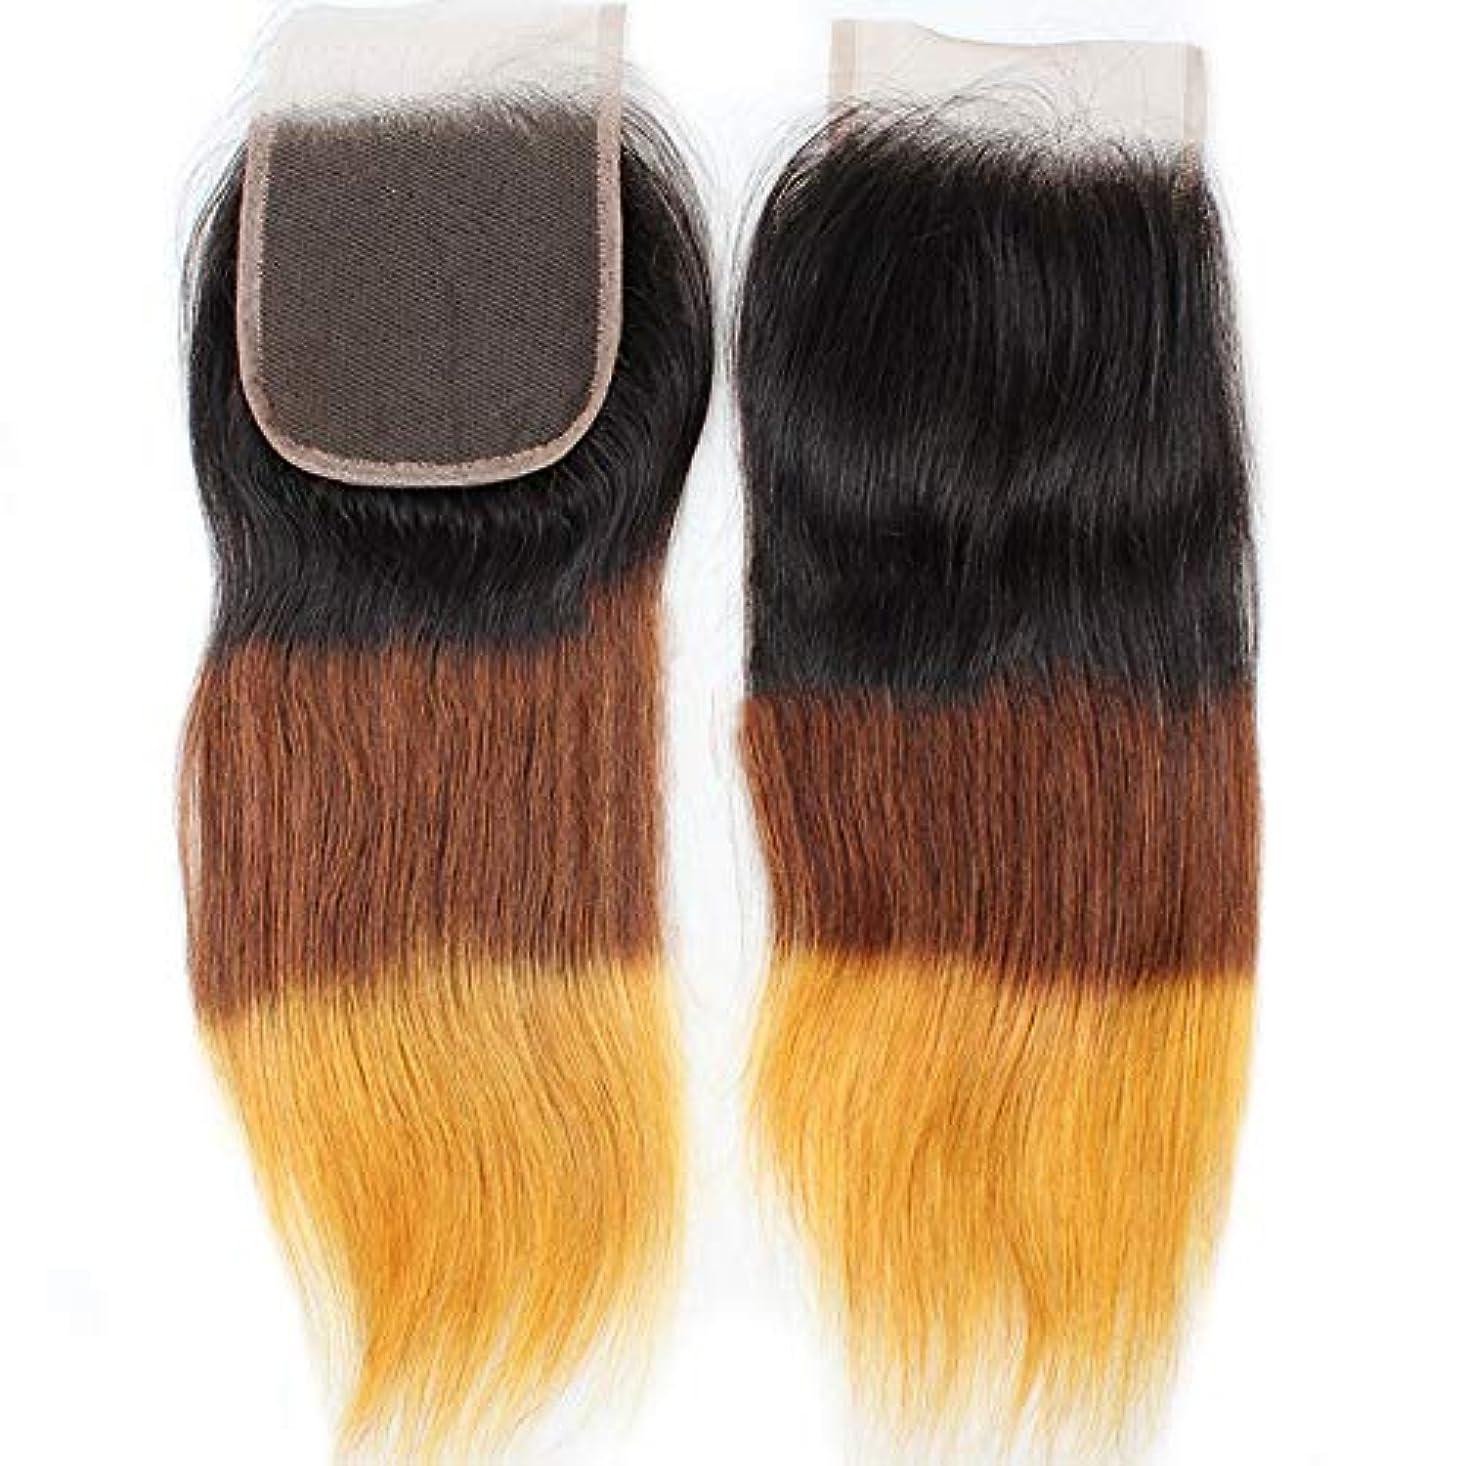 検出可能アンケート間隔HOHYLLYA 4×4レース前頭閉鎖無料部分耳から耳9Aブラジルストレートヘアグラデーションカラー人間の髪の毛の合成髪レースかつらロールプレイングウィッグロングとショートの女性自然 (色 : ブラウン, サイズ : 10...